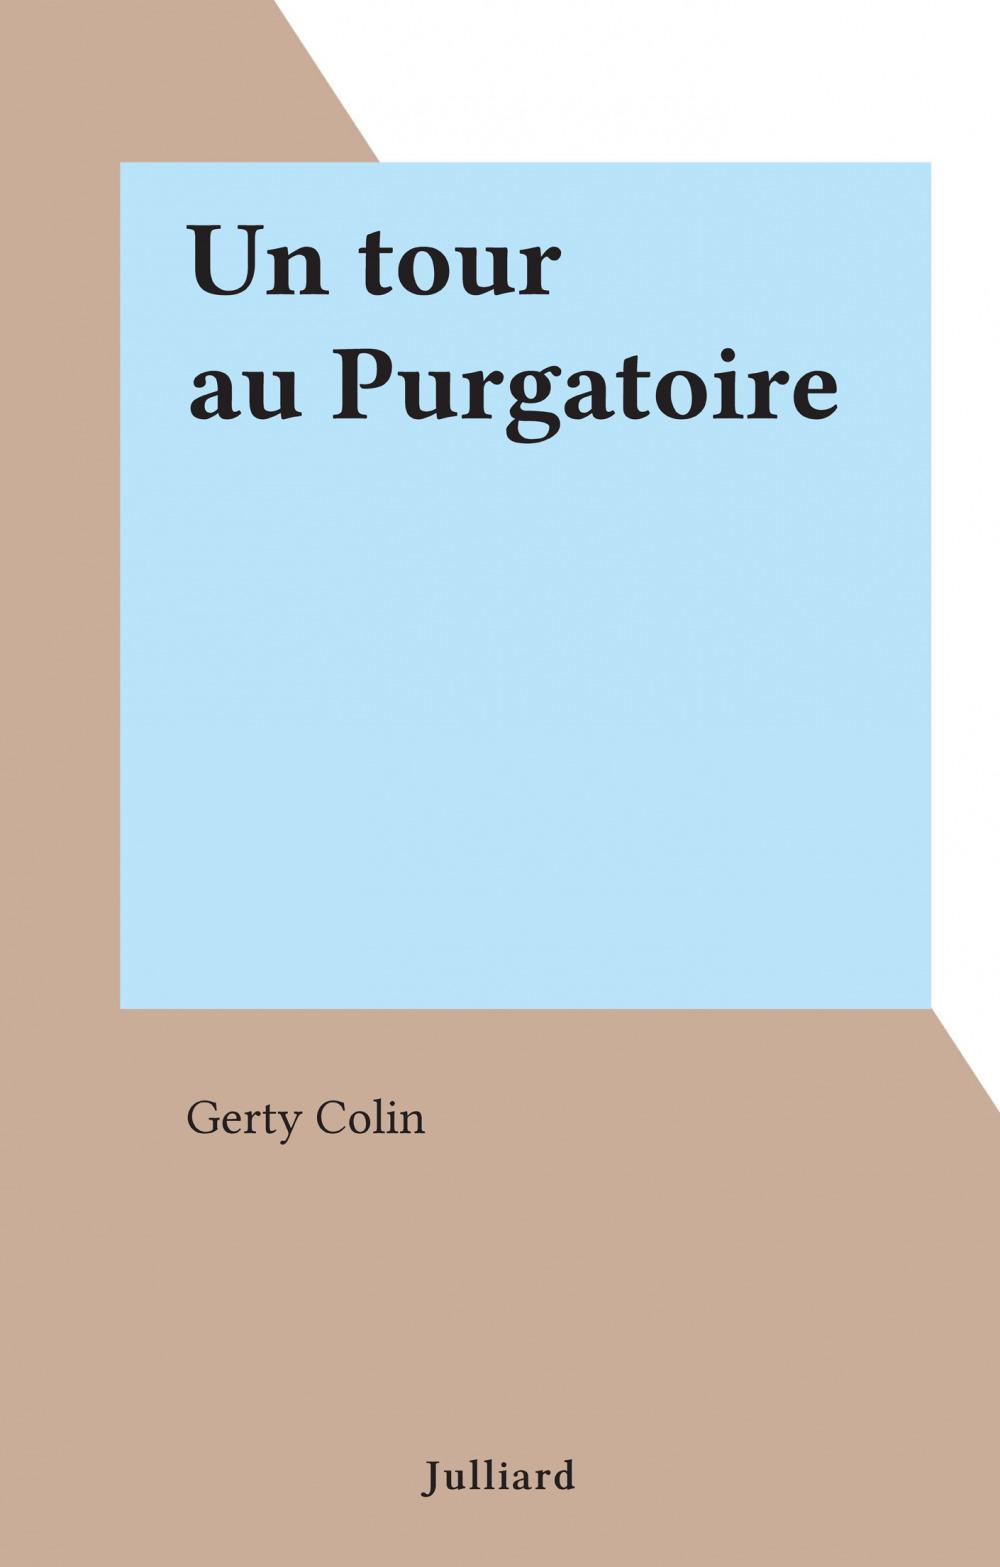 Un tour au Purgatoire  - Gerty Colin